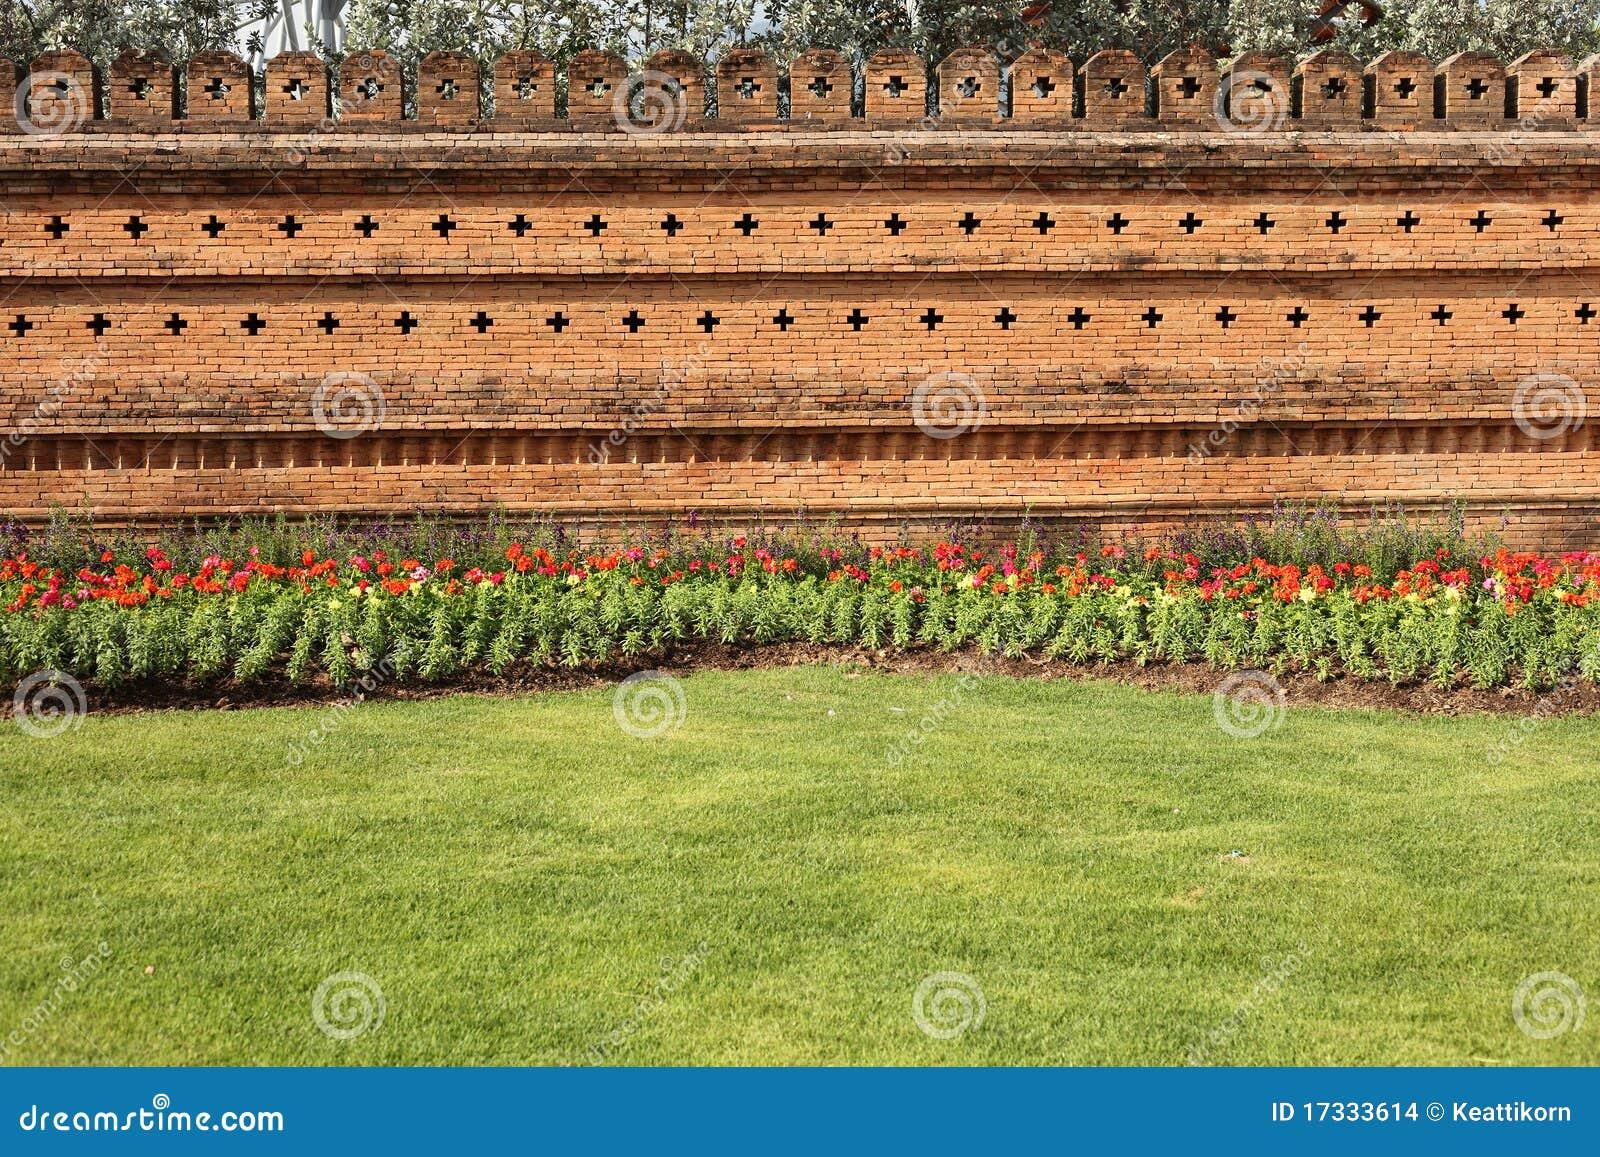 Garten backsteinmauer stockfoto bild von geb ude - Backsteinmauer im garten ...